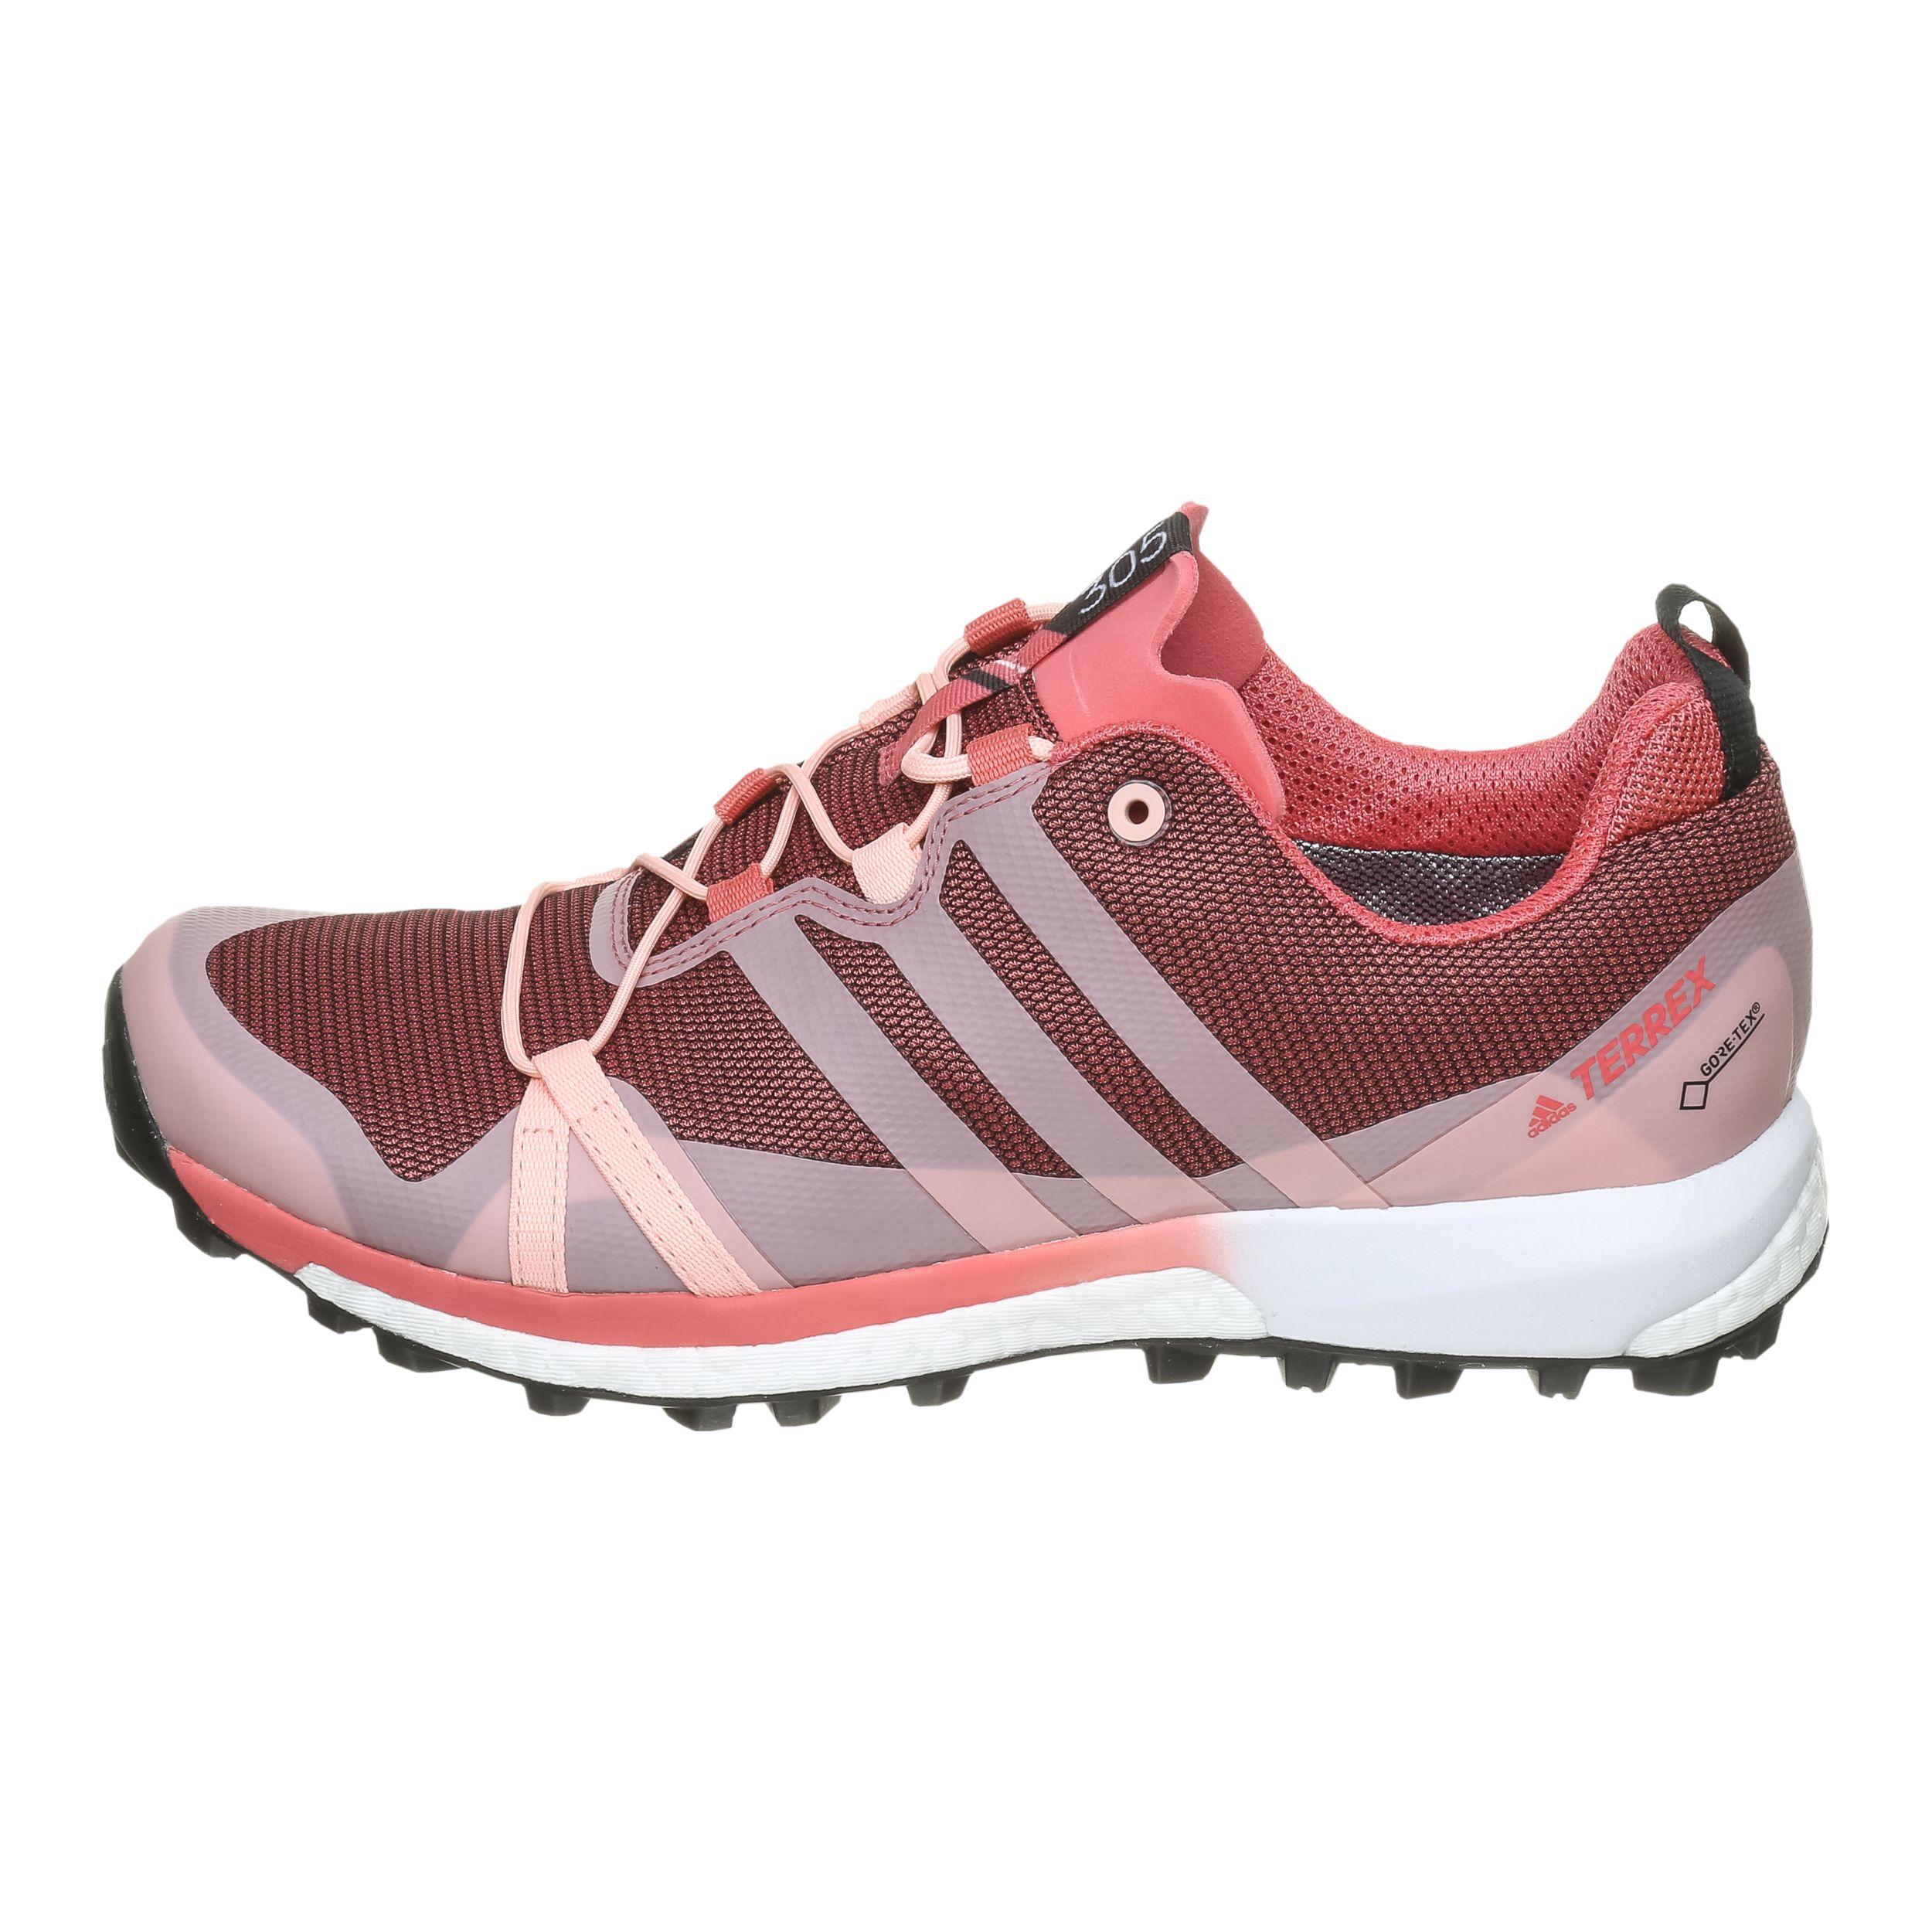 adidas Terrex Agravic GTX Trailschuh Damen Pink, Koralle